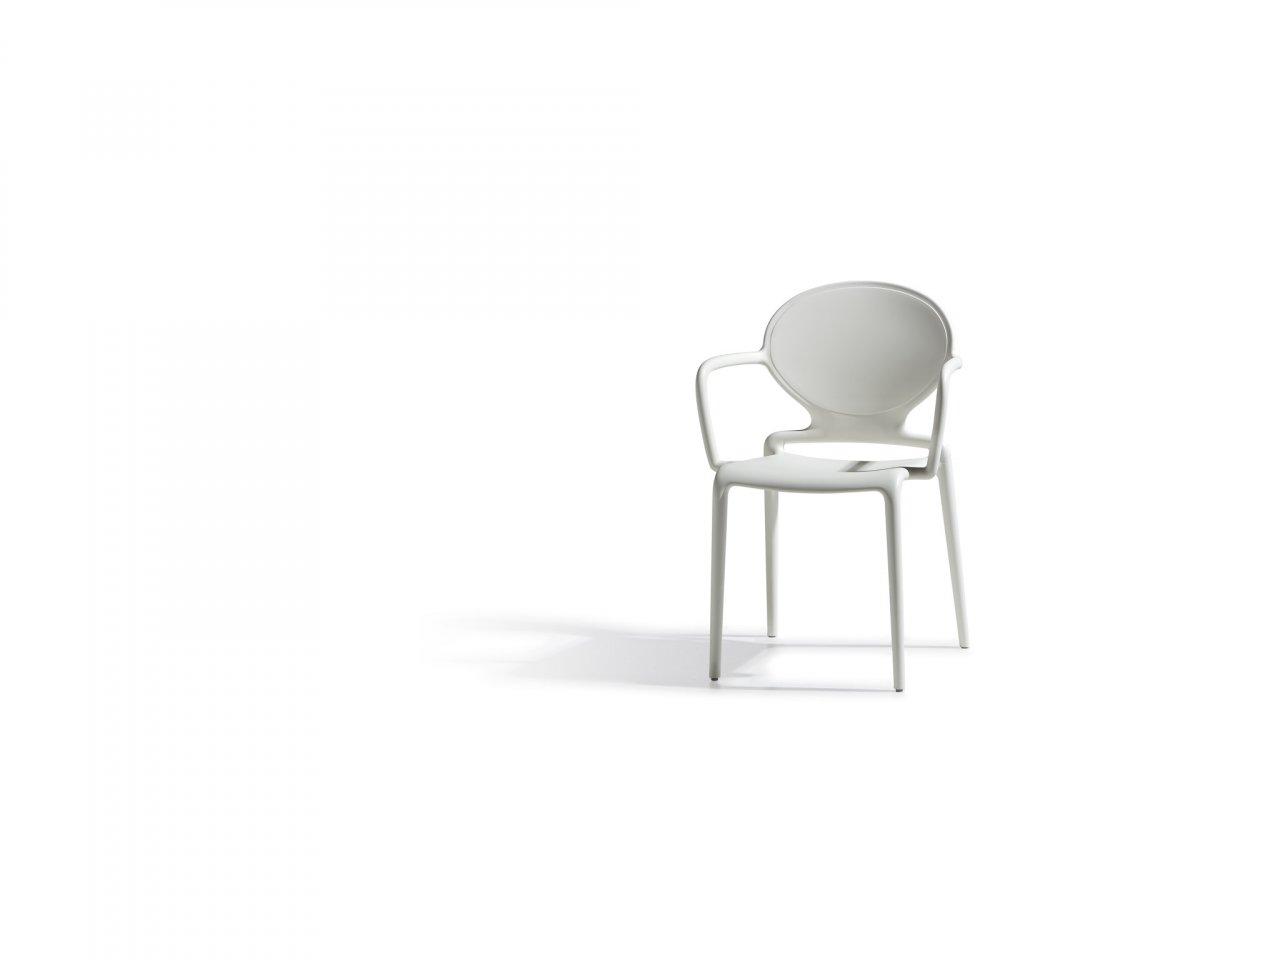 Sedia Con Braccioli Gio - v2